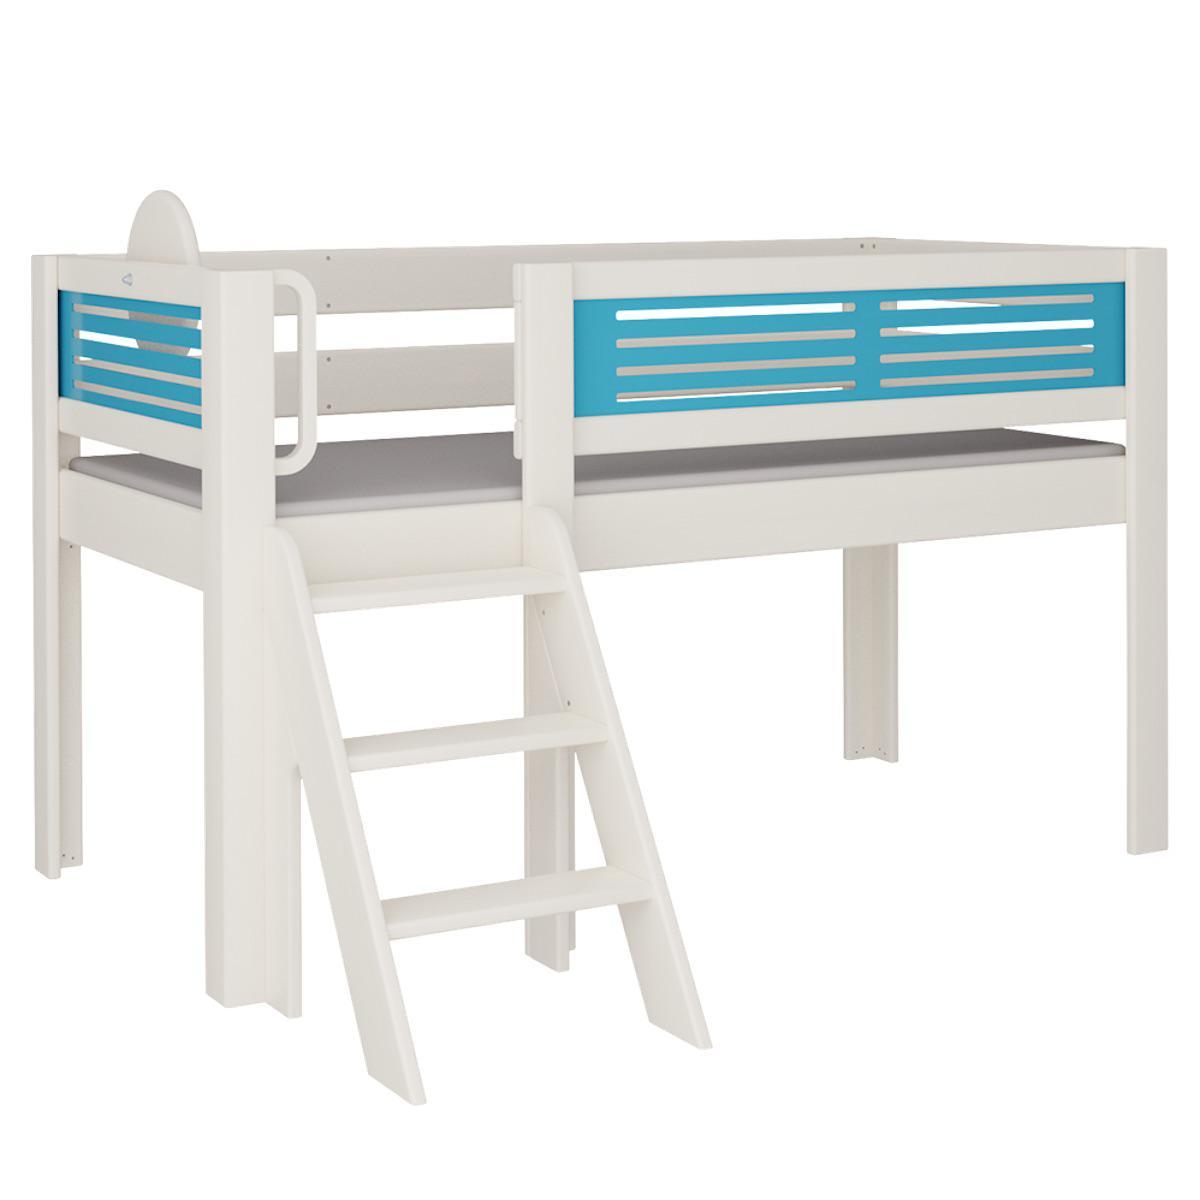 Tatü halbhohes Bett mit Treppe DELUXE De Breuyn weiß Füllungen blau